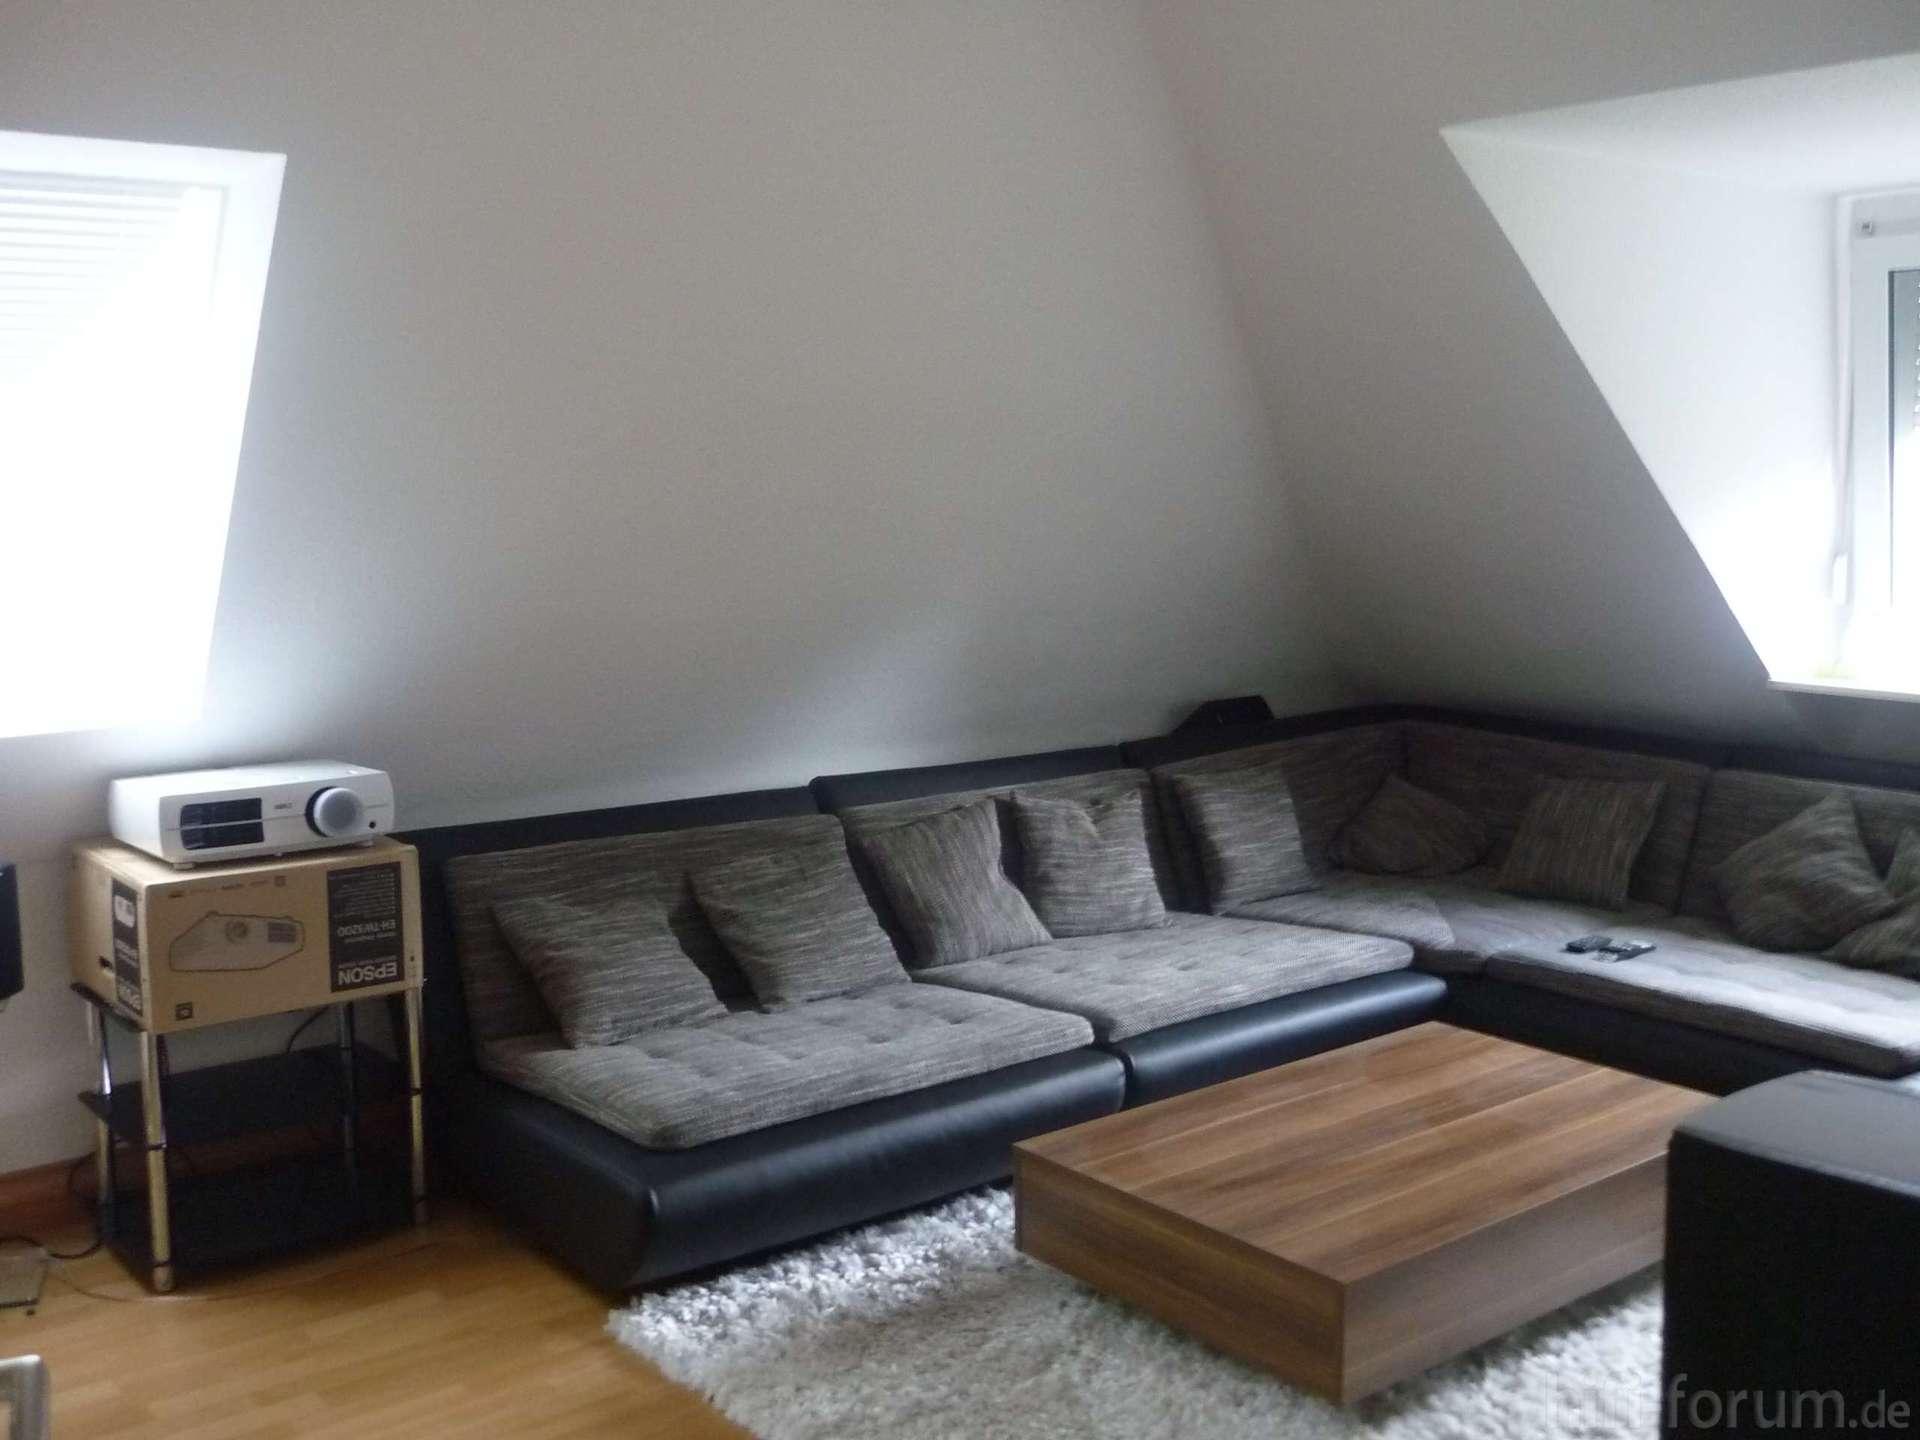 wohnzimmer | beamer, tv, wohnzimmer | hifi-forum.de bildergalerie, Wohnzimmer